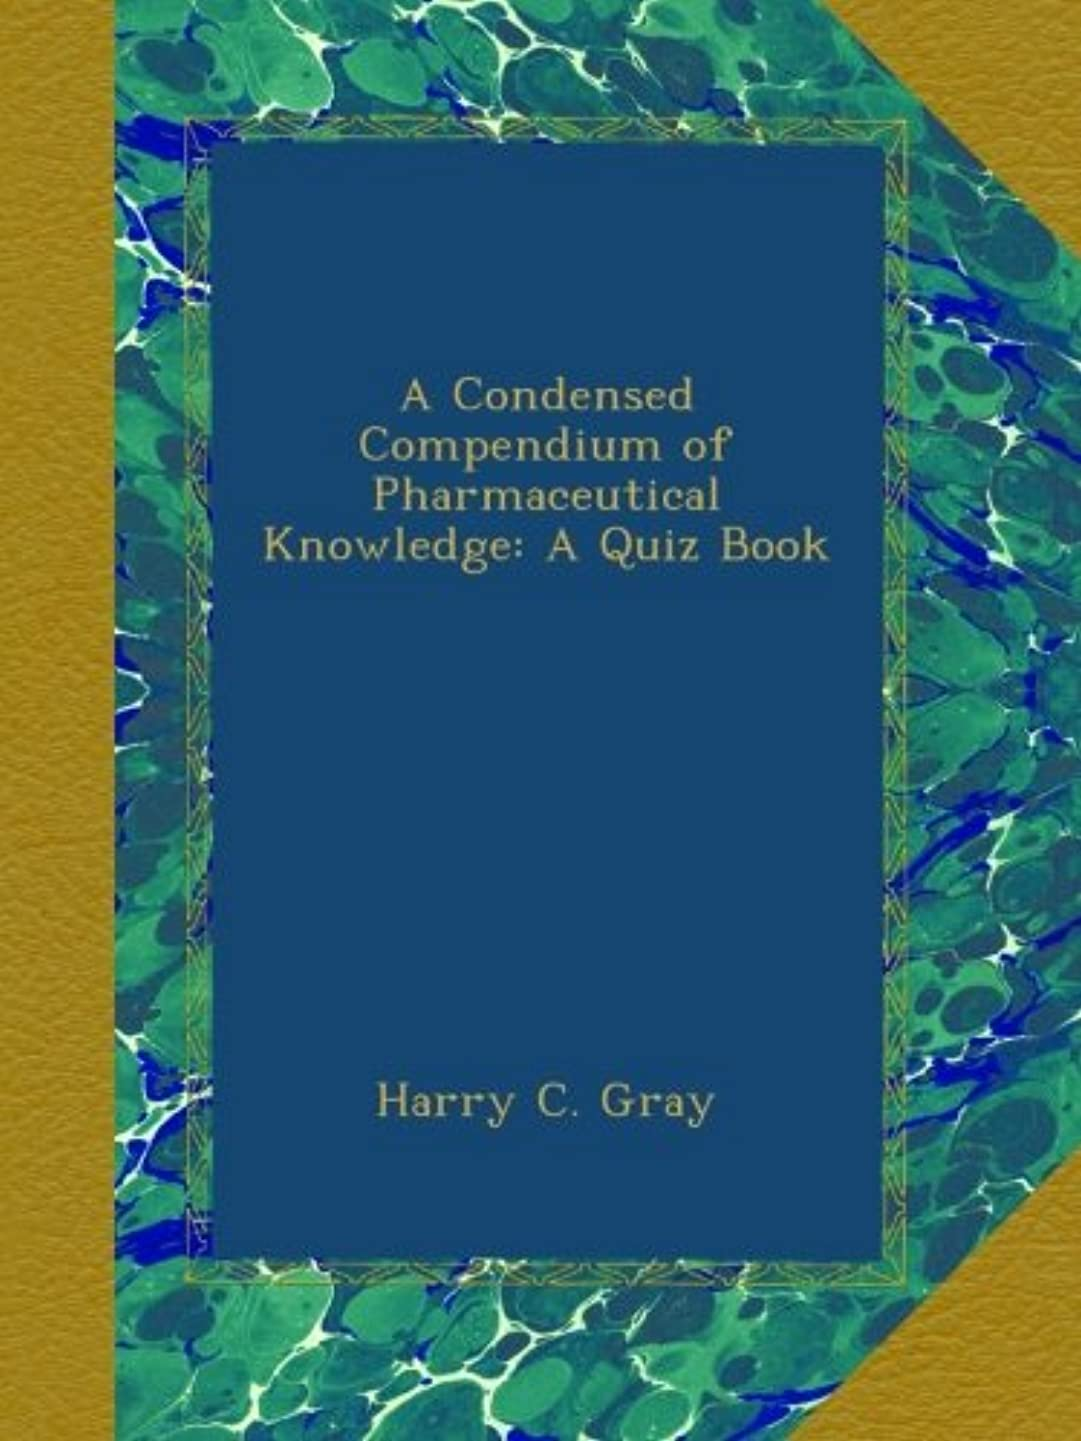 征服ブランデー手術A Condensed Compendium of Pharmaceutical Knowledge: A Quiz Book